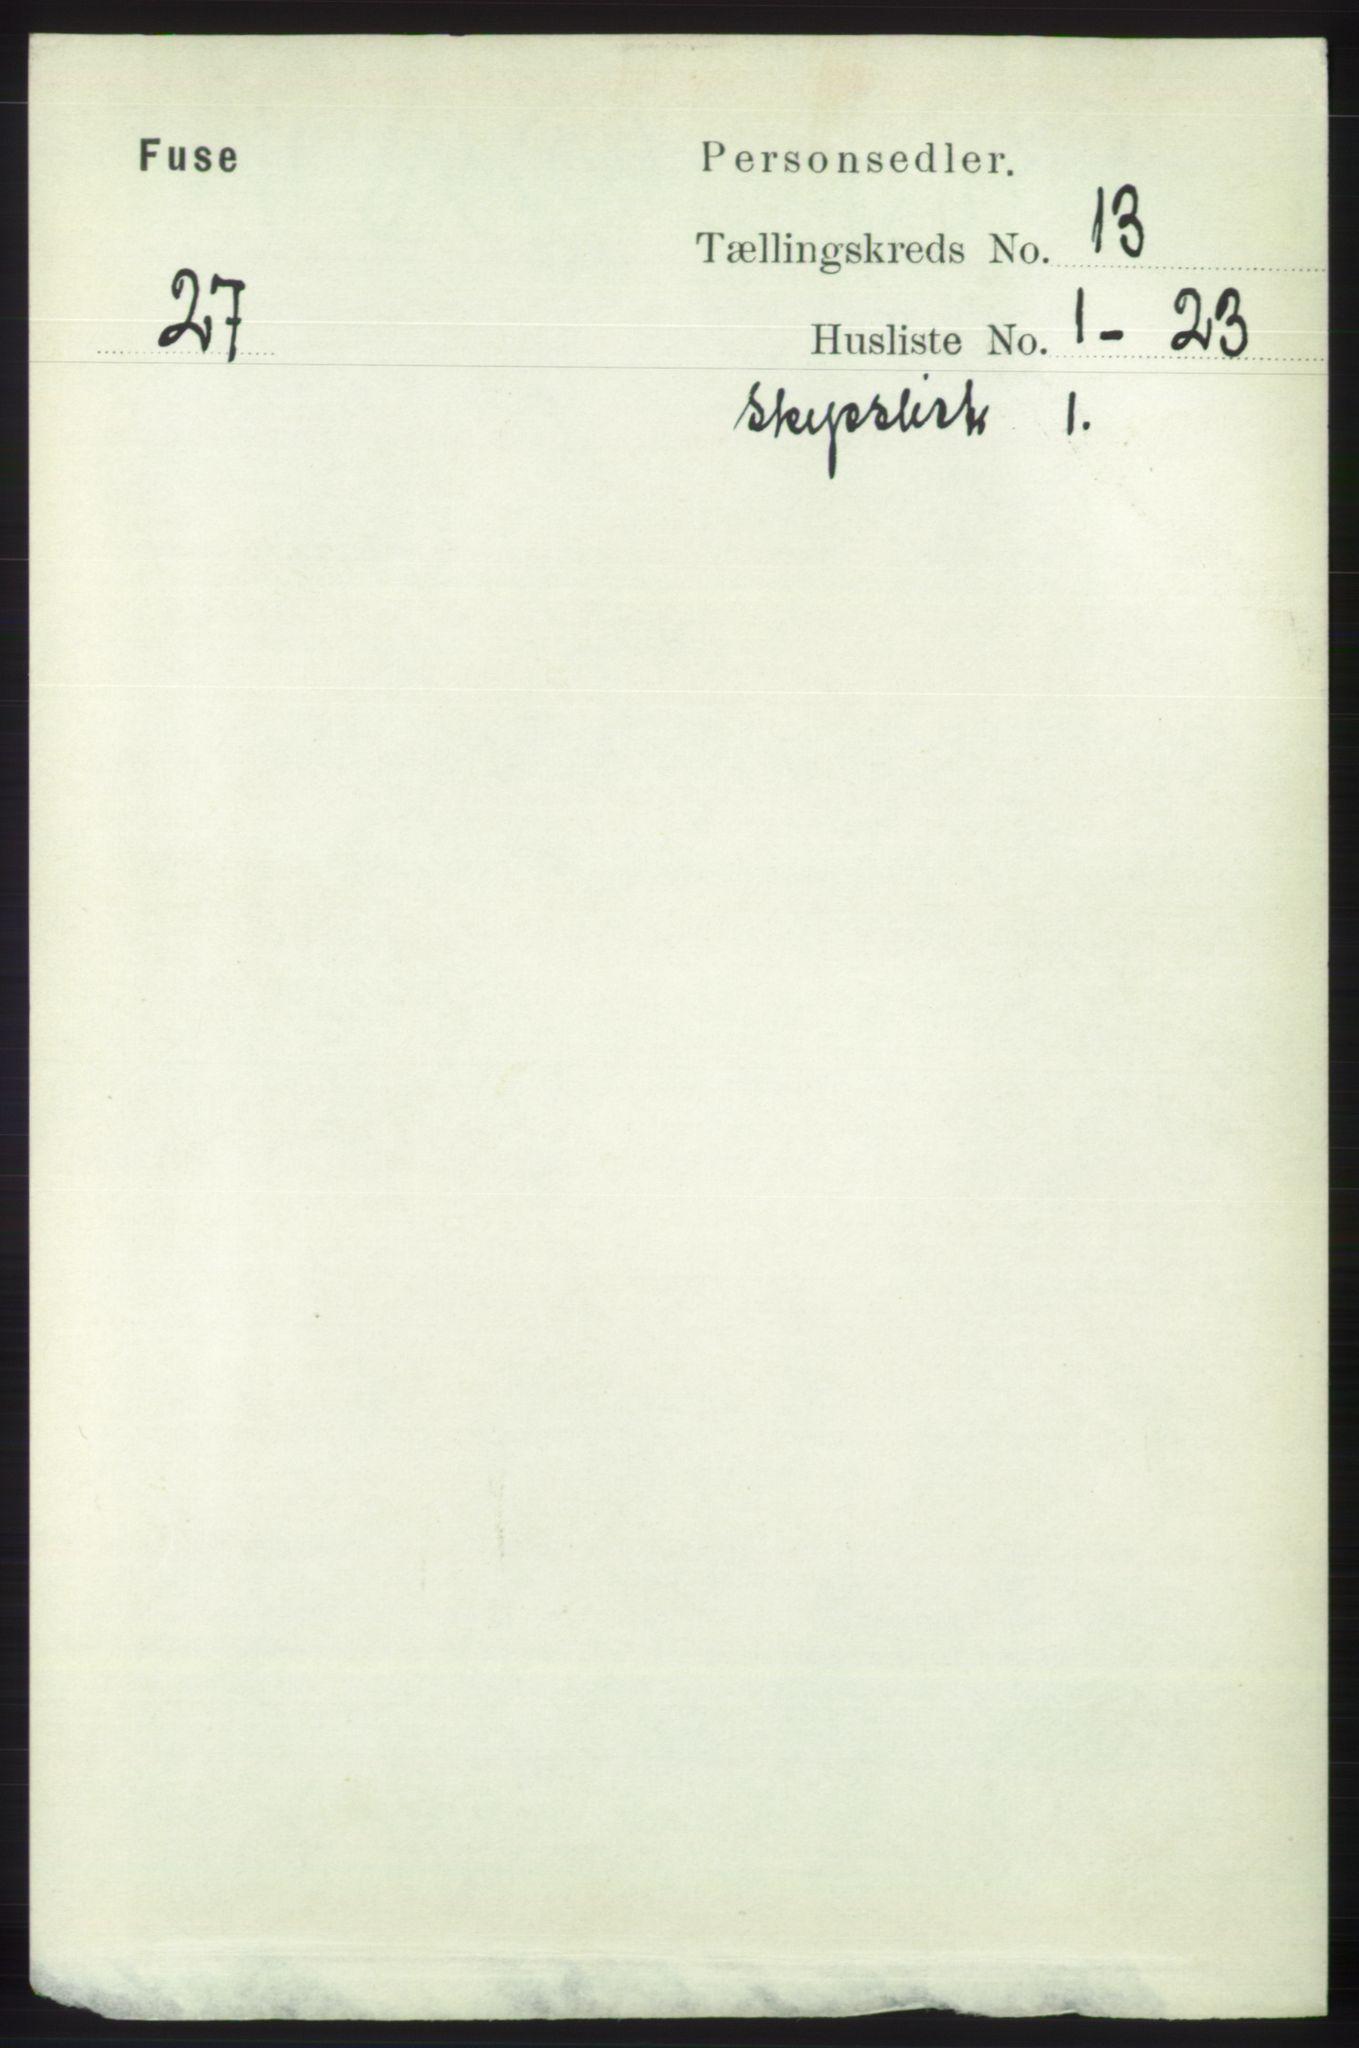 RA, Folketelling 1891 for 1241 Fusa herred, 1891, s. 2840